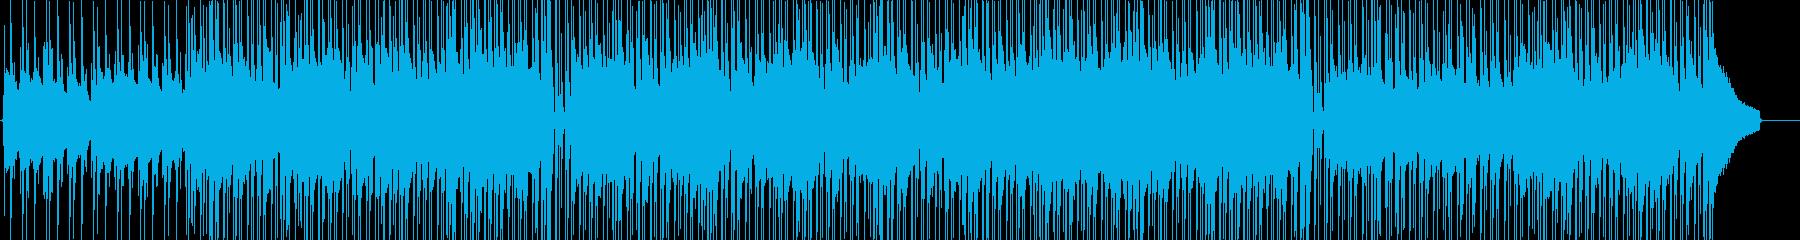 楽しくスキップするようなウクレレの再生済みの波形